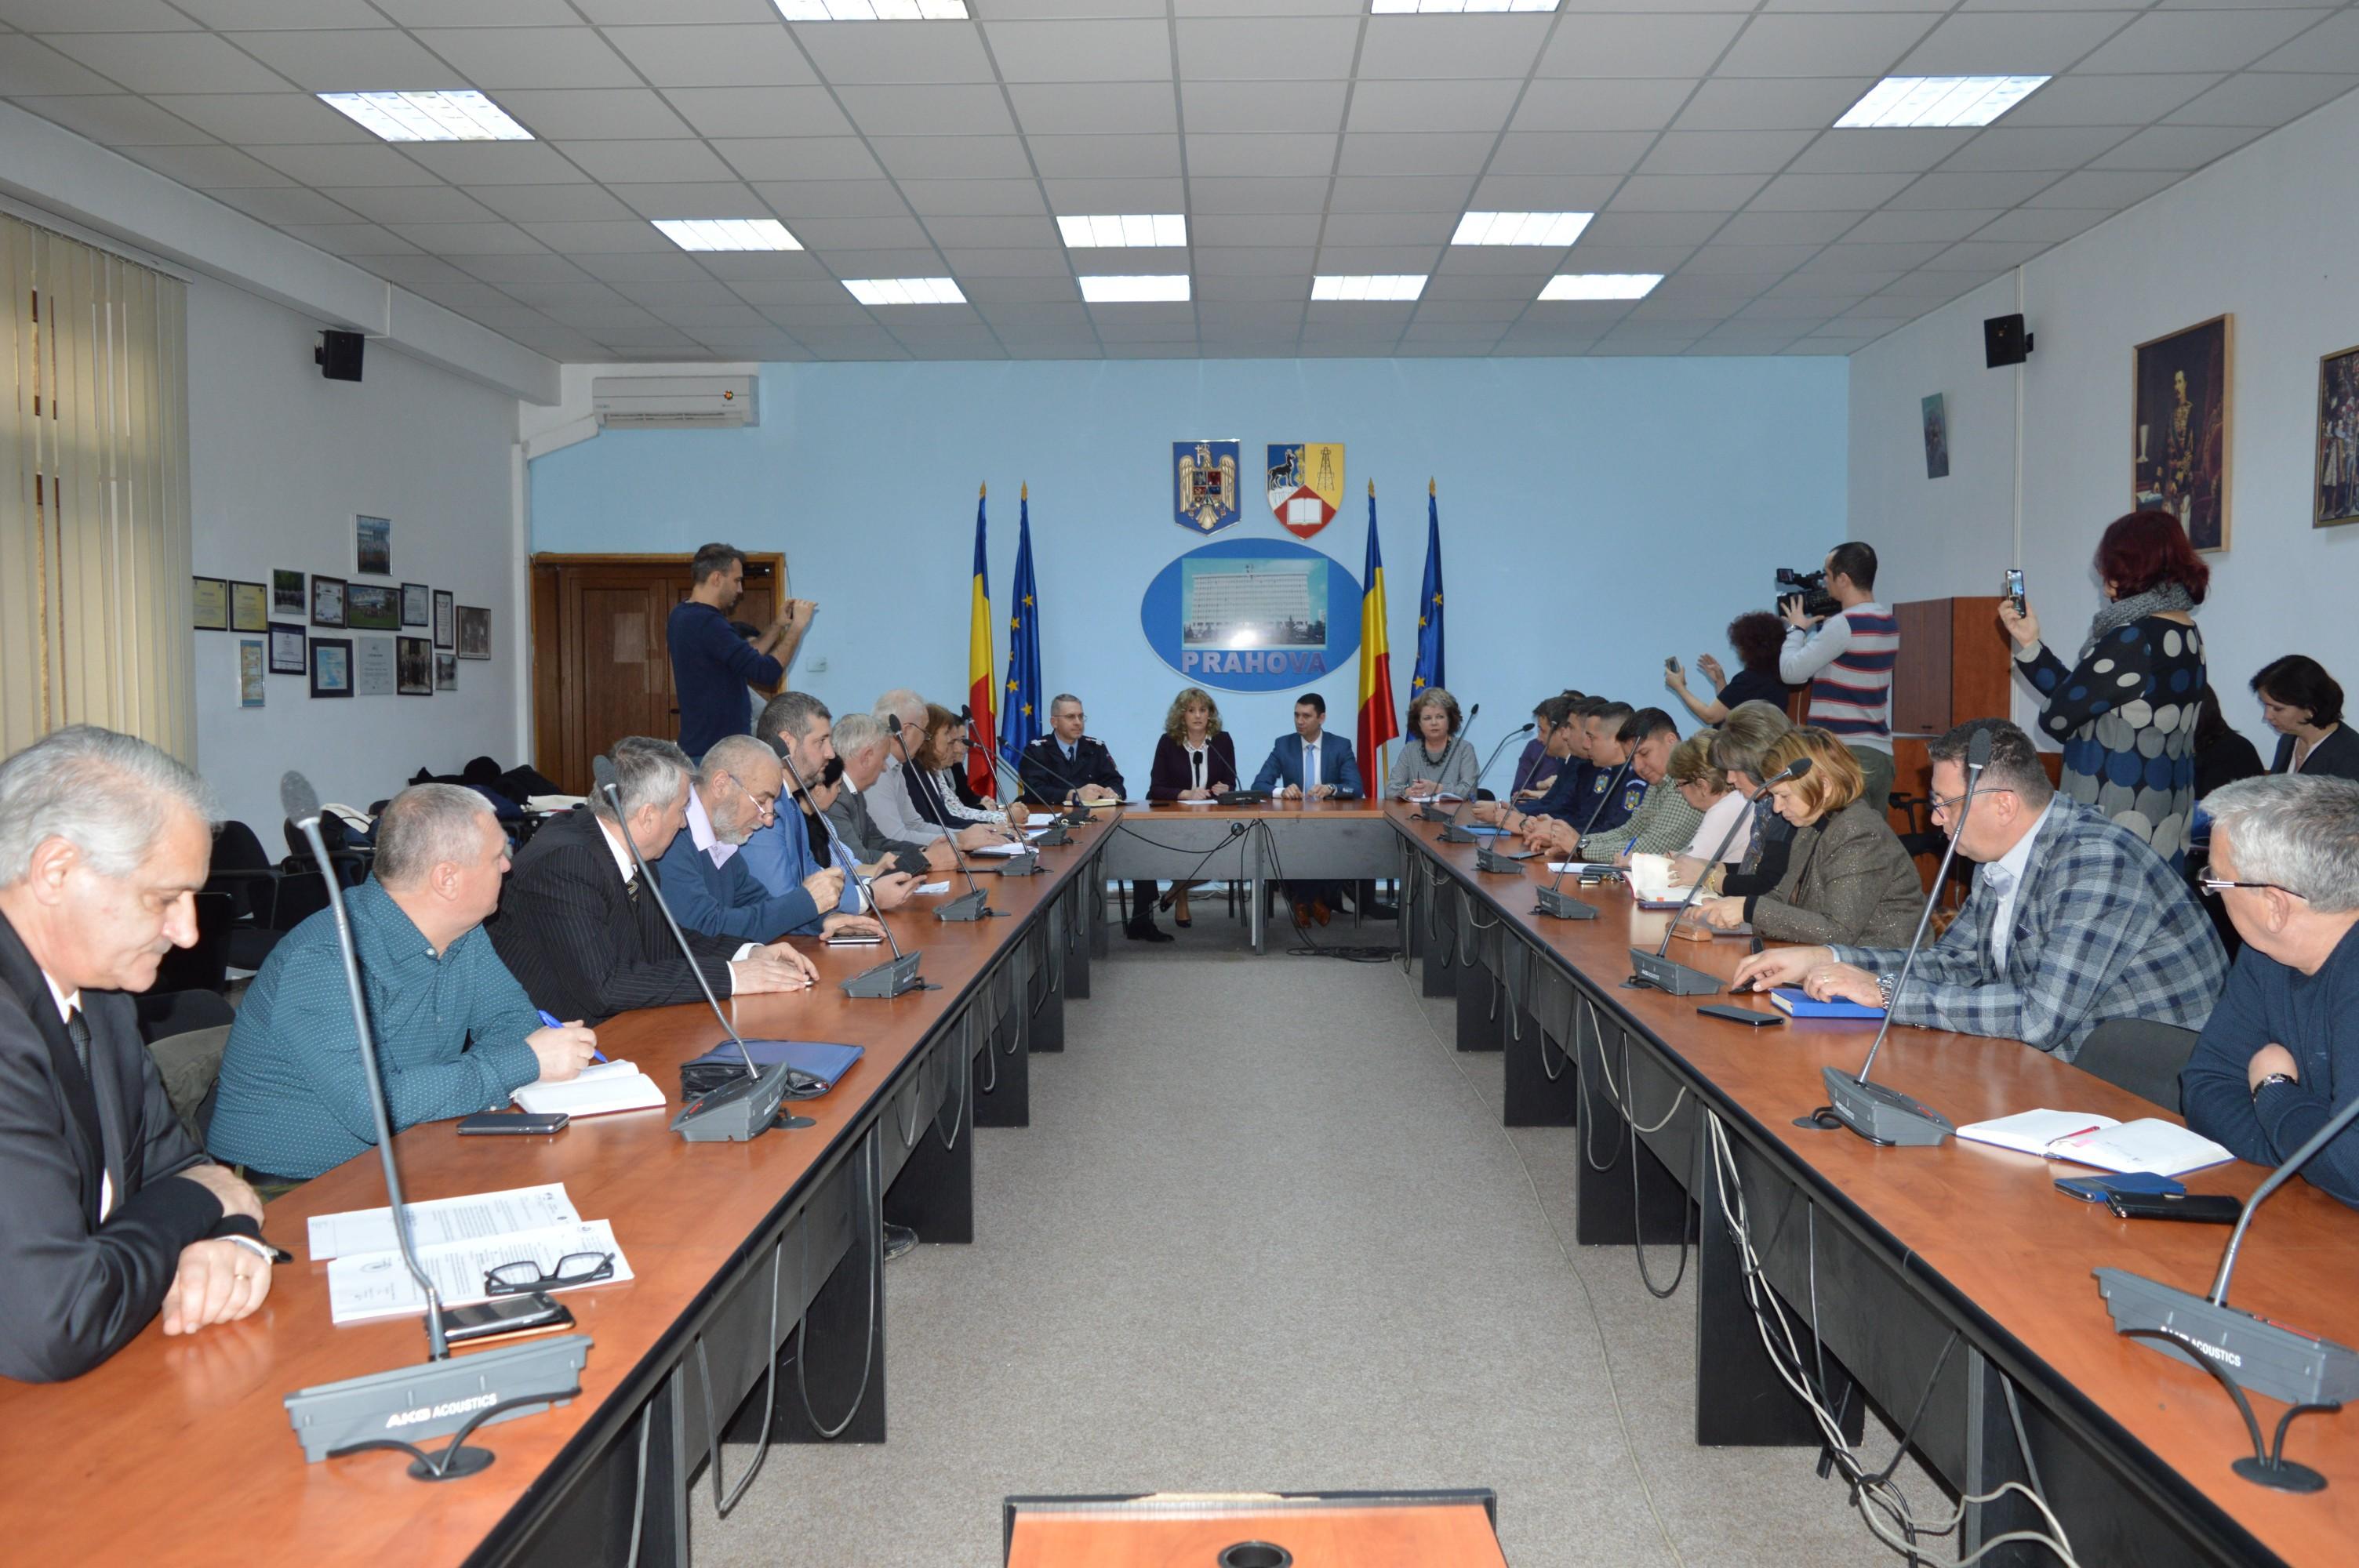 Ședință extraordinară a CJSU Prahova pentru măsuri epidemie de gripă